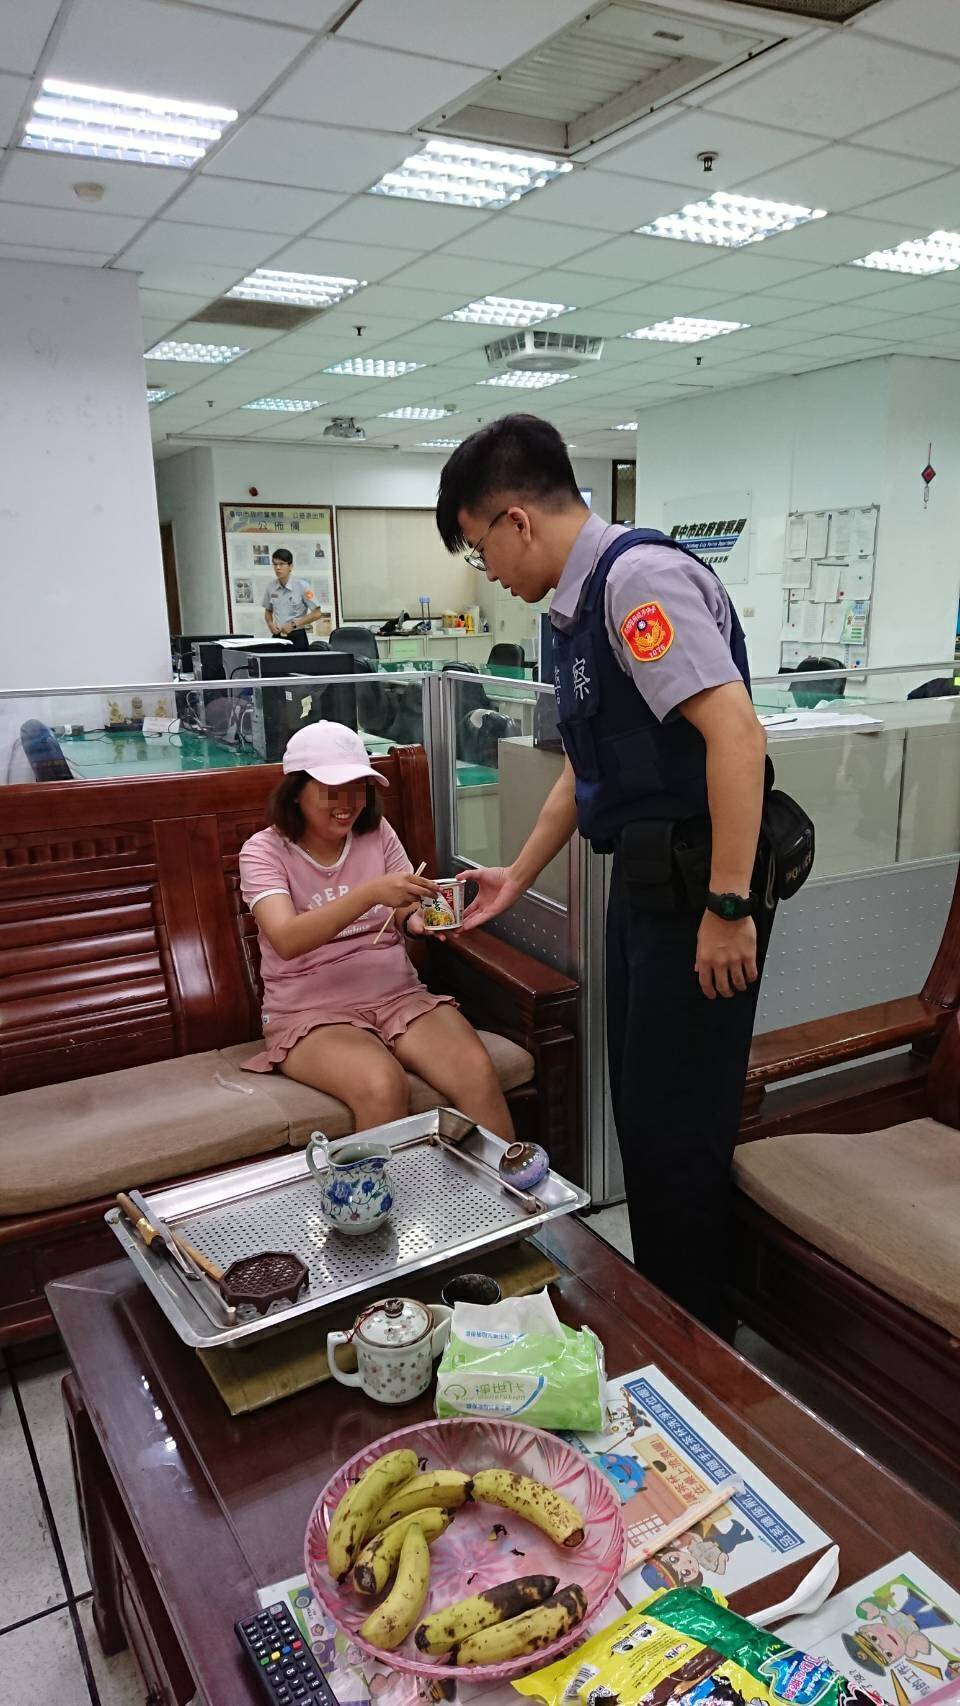 台中警察泡好泡麵請女子吃。記者游振昇/翻攝